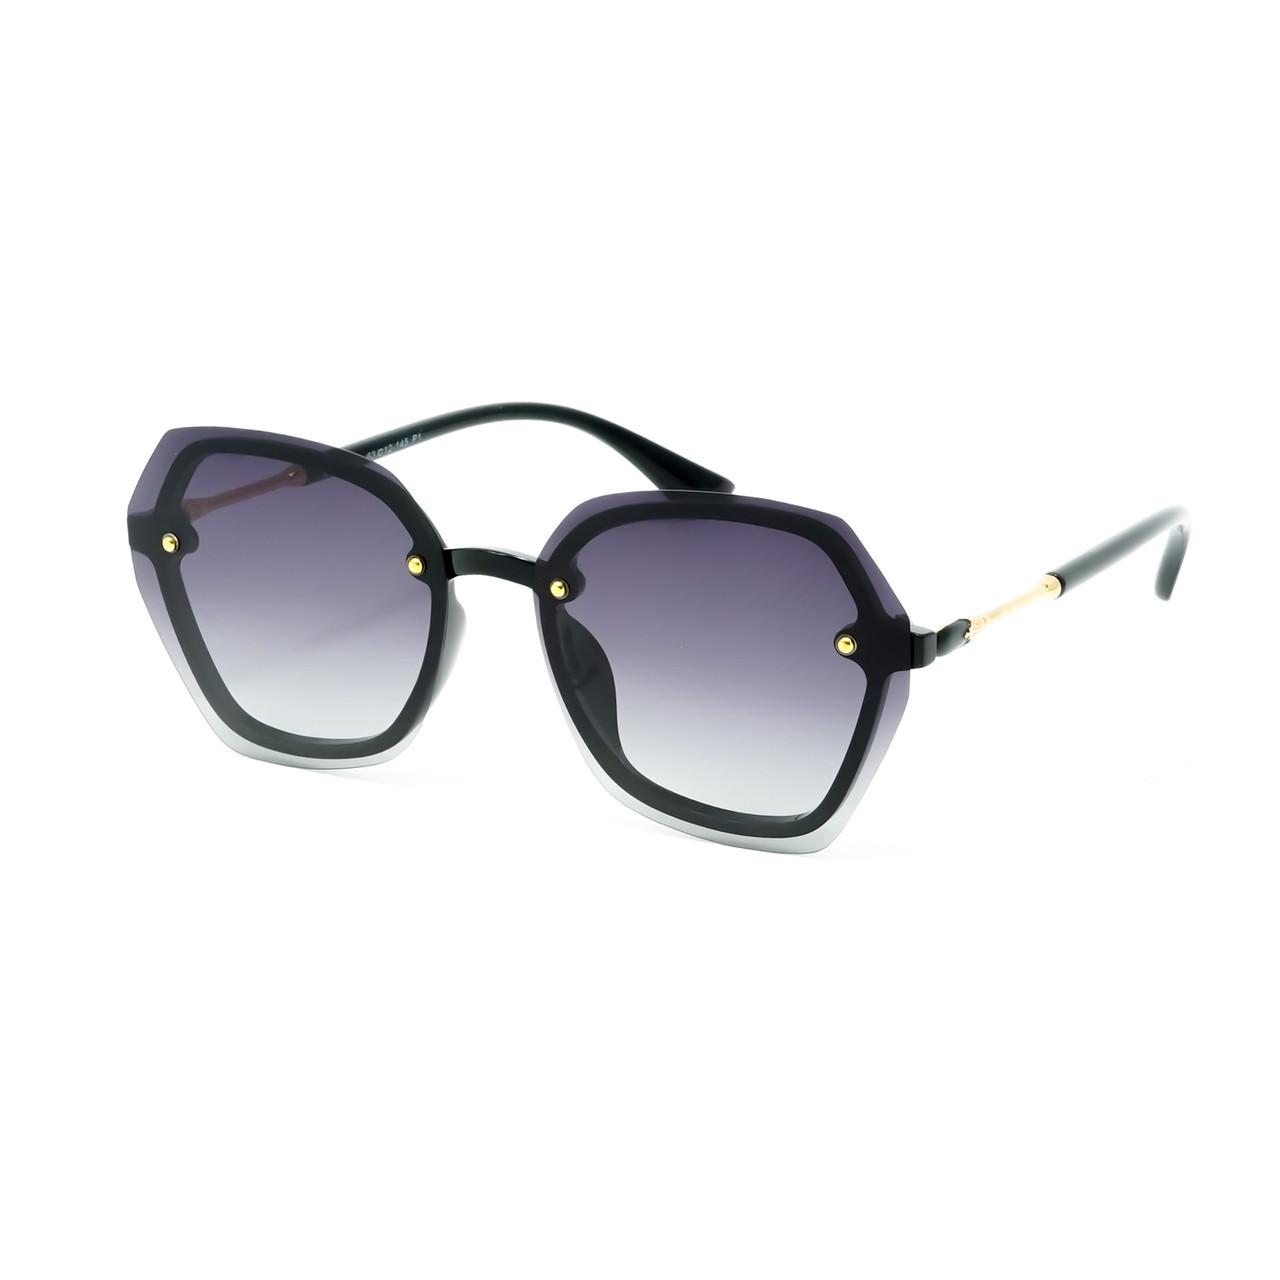 Солнцезащитные очки Marmilen Polar 8320 P1 черные    ( 8320-01 )